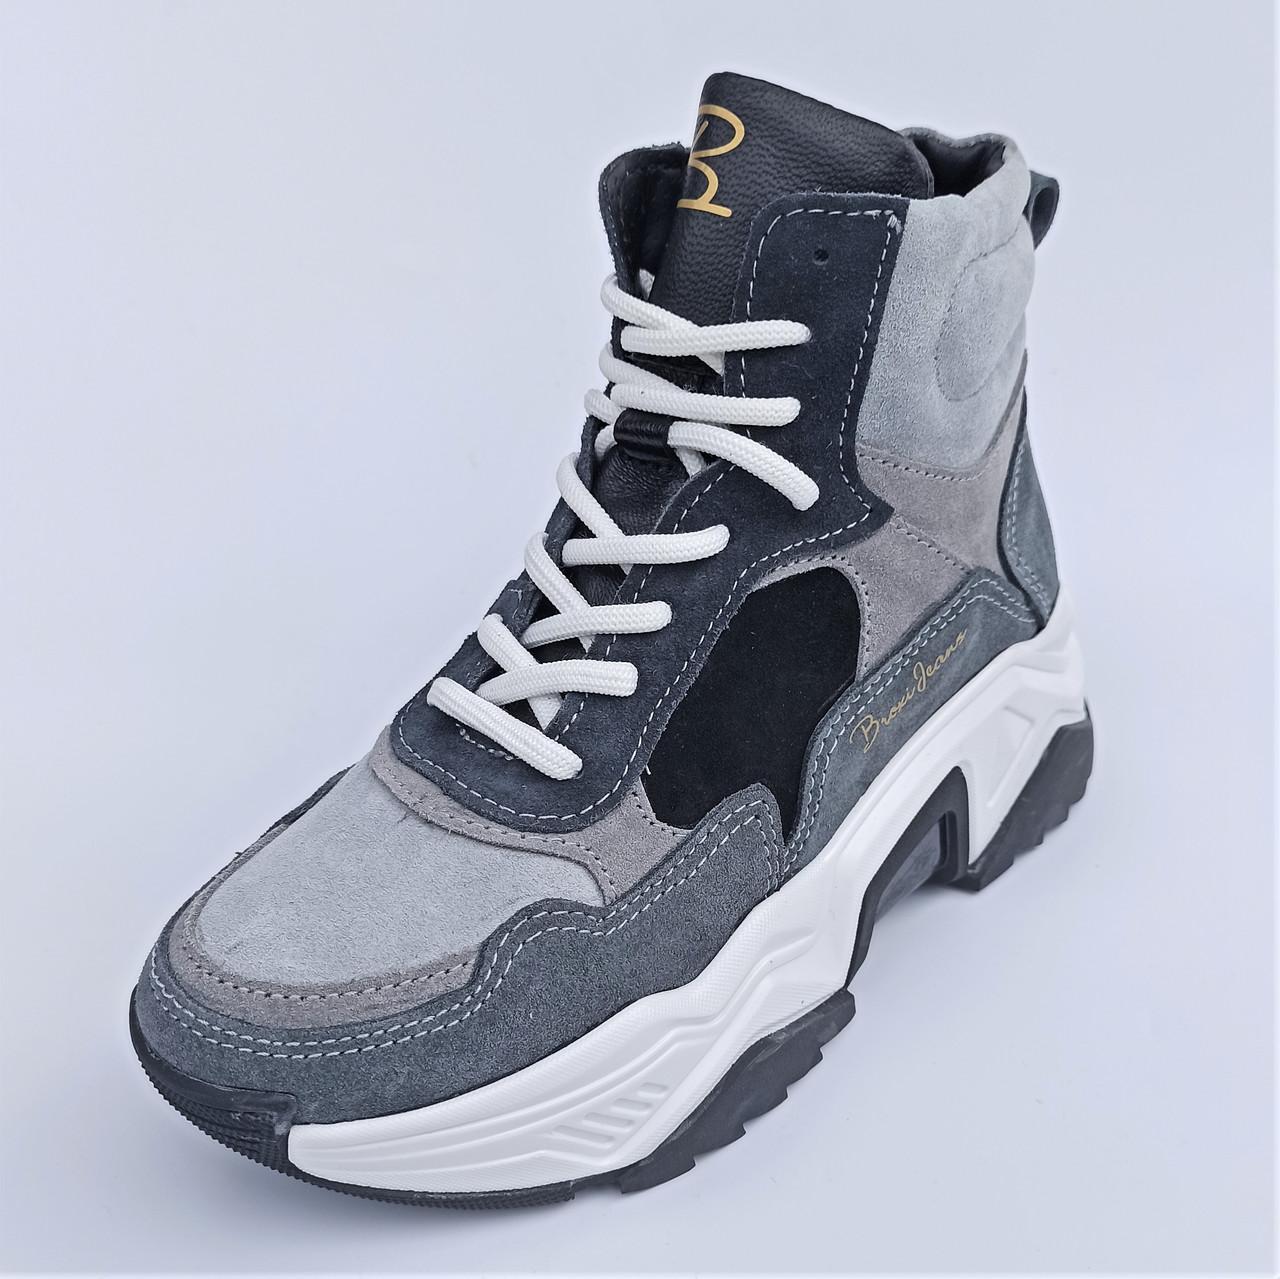 Женские ботинки на спортивной подошве, (код 1357) размеры: 36-40